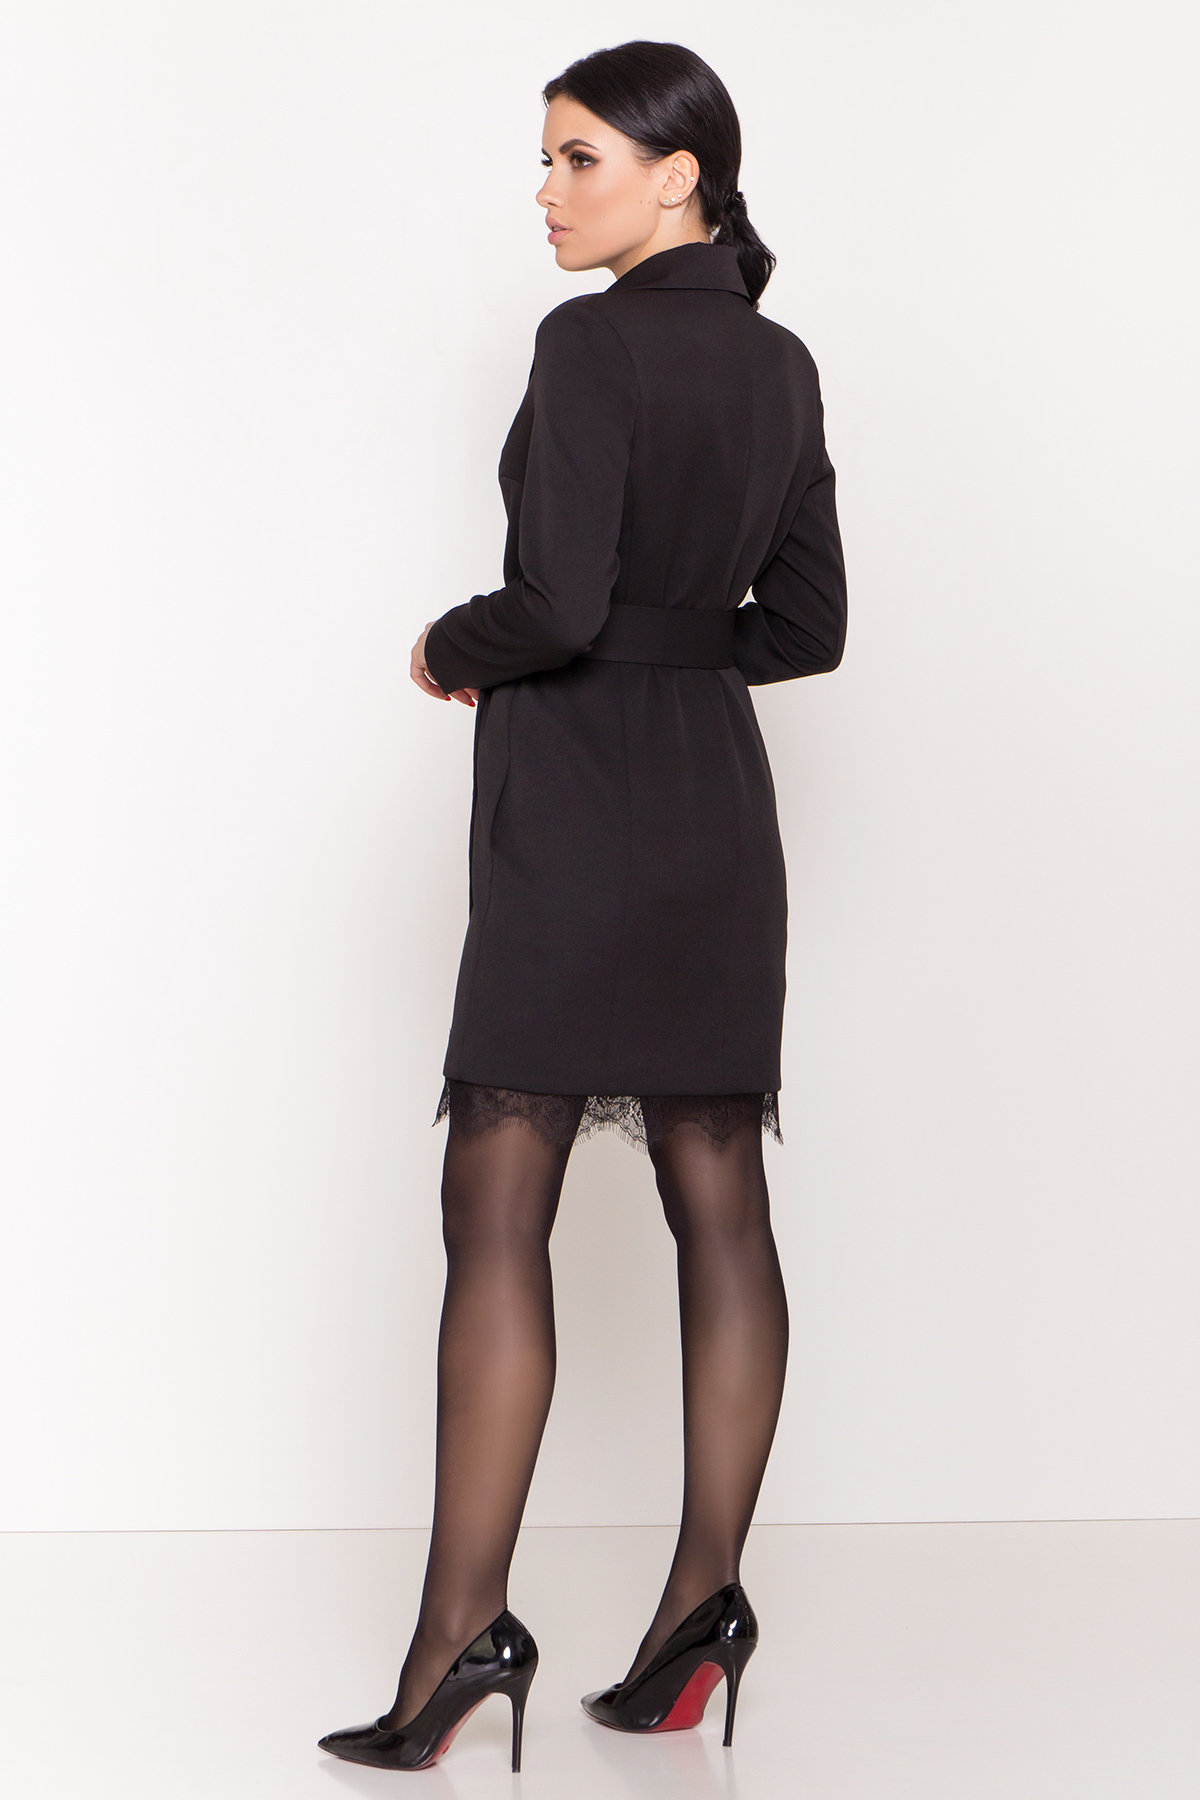 Платье-жакет Маренго 8426 АРТ. 44664 Цвет: Черный - фото 5, интернет магазин tm-modus.ru